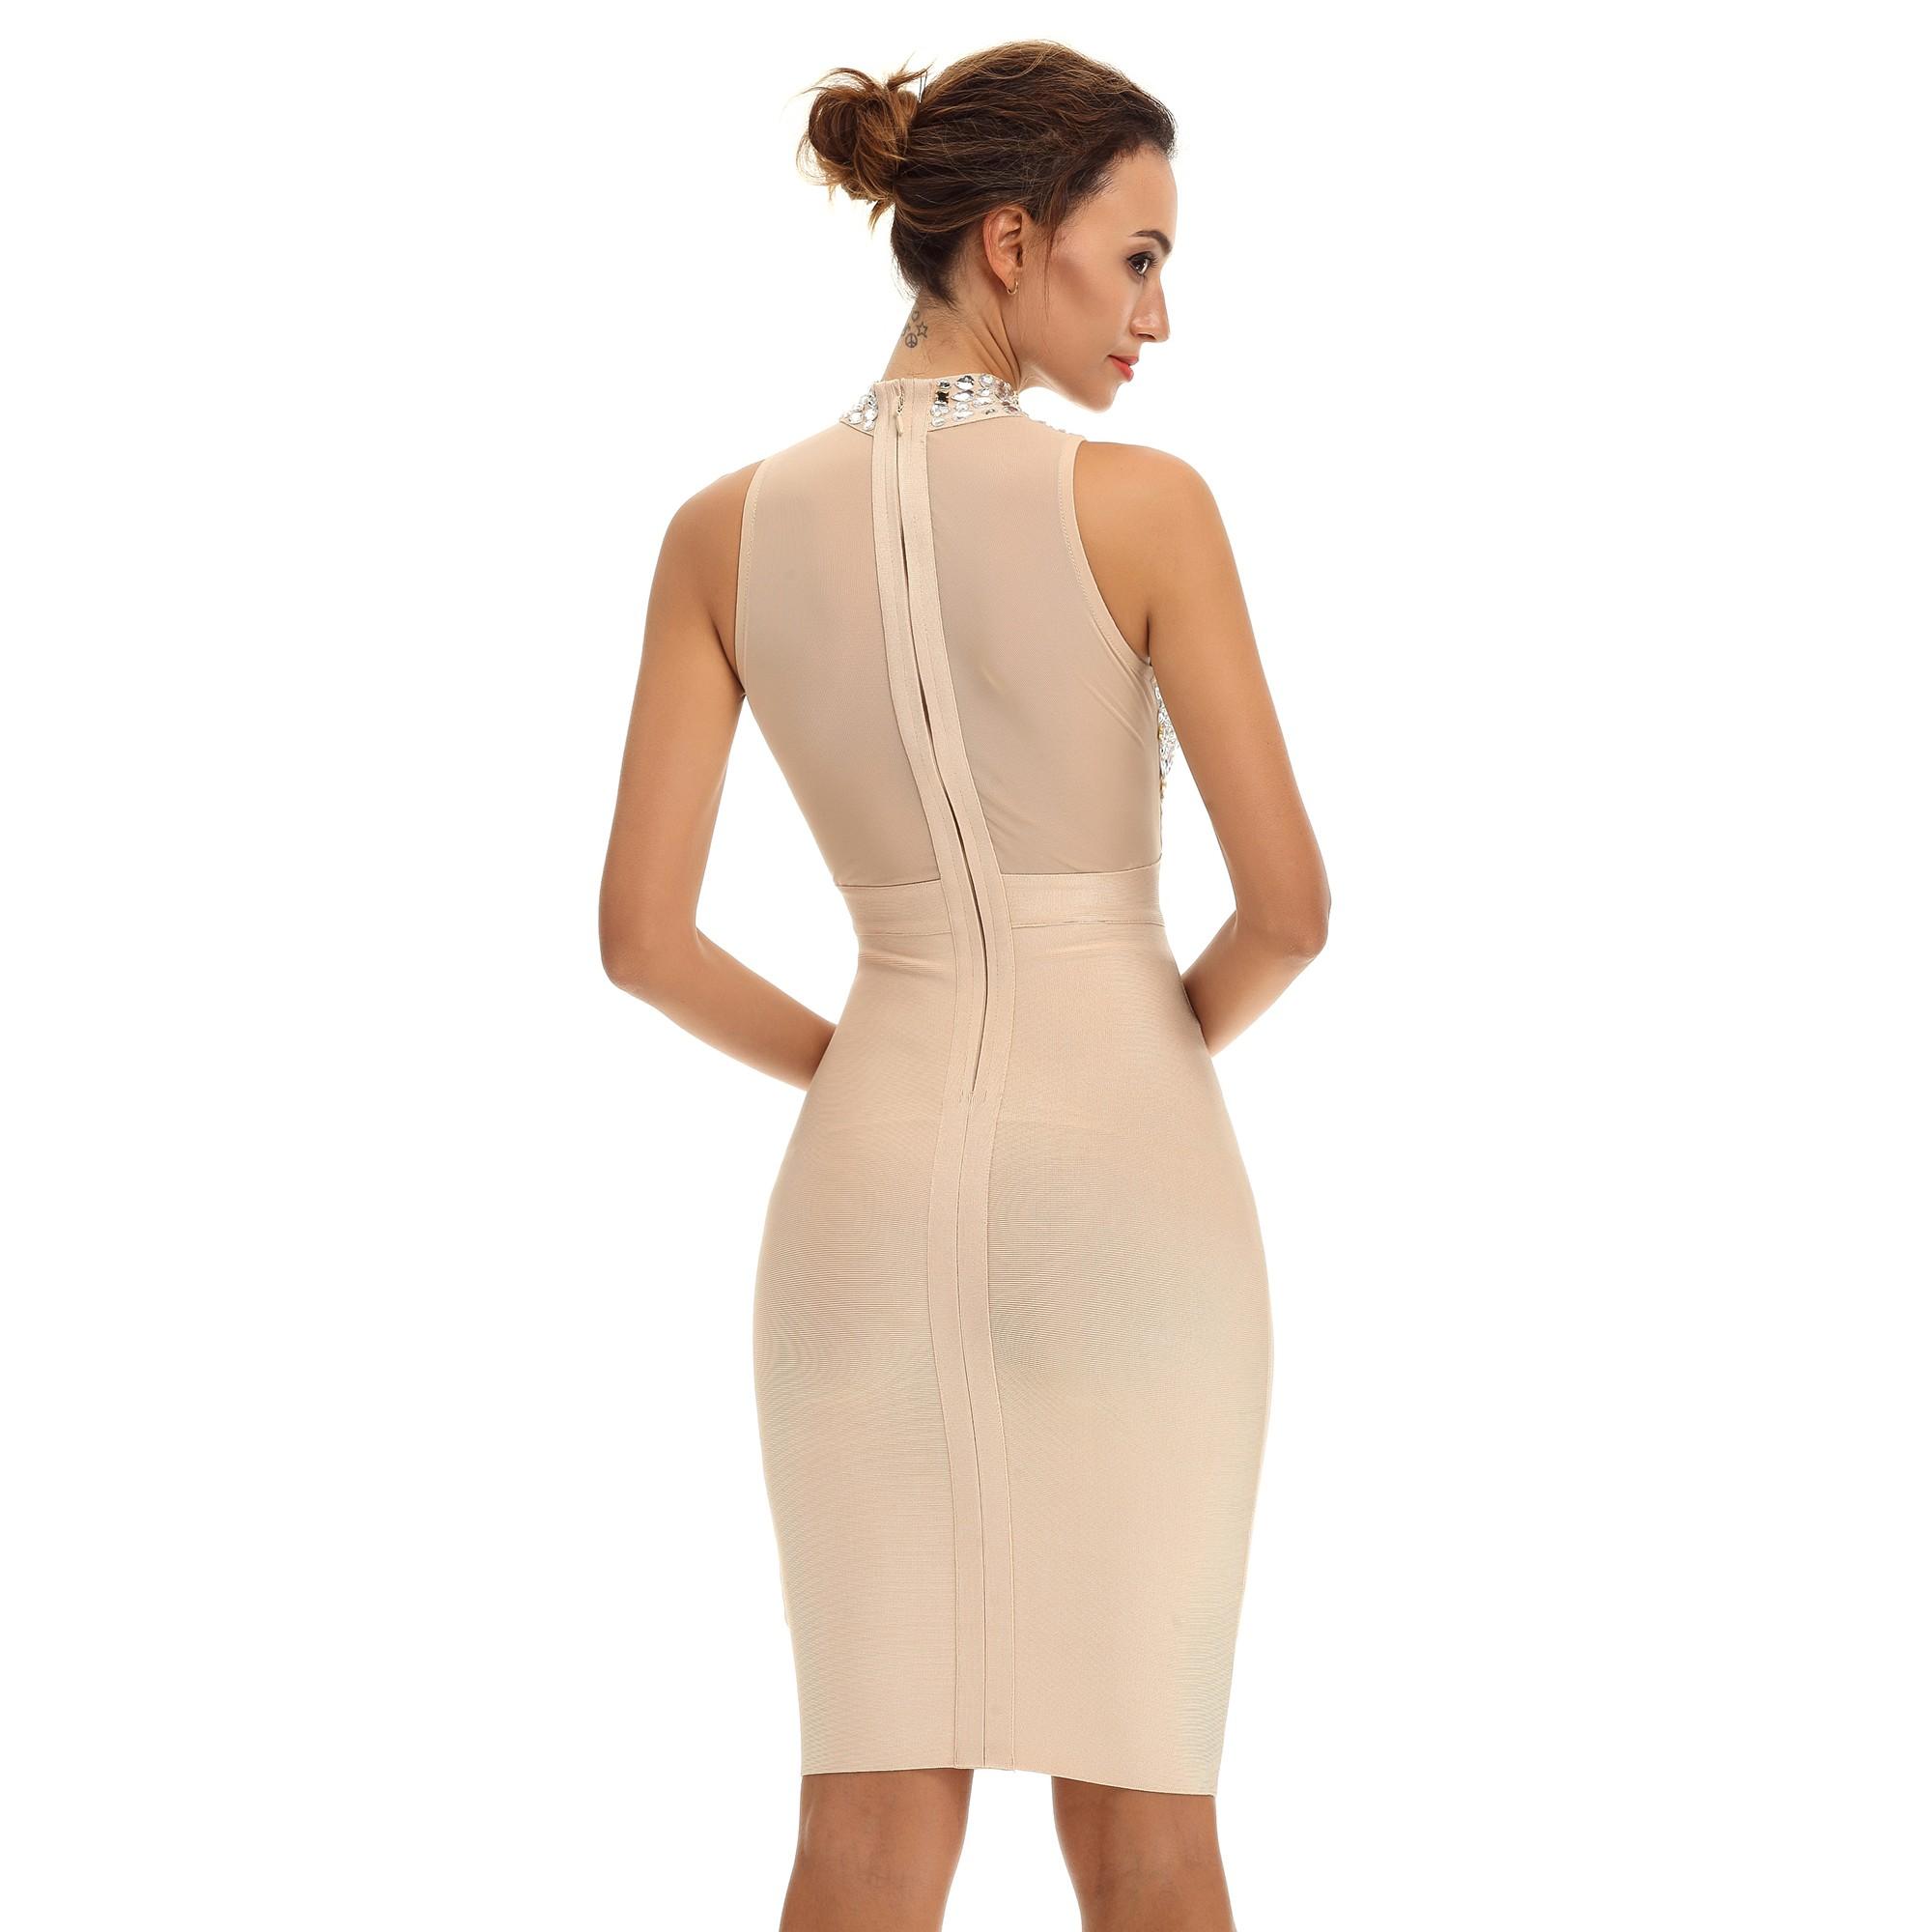 High Neck Sleeveless Crystal Beading Nude Bandage Dress HT1499-Nude